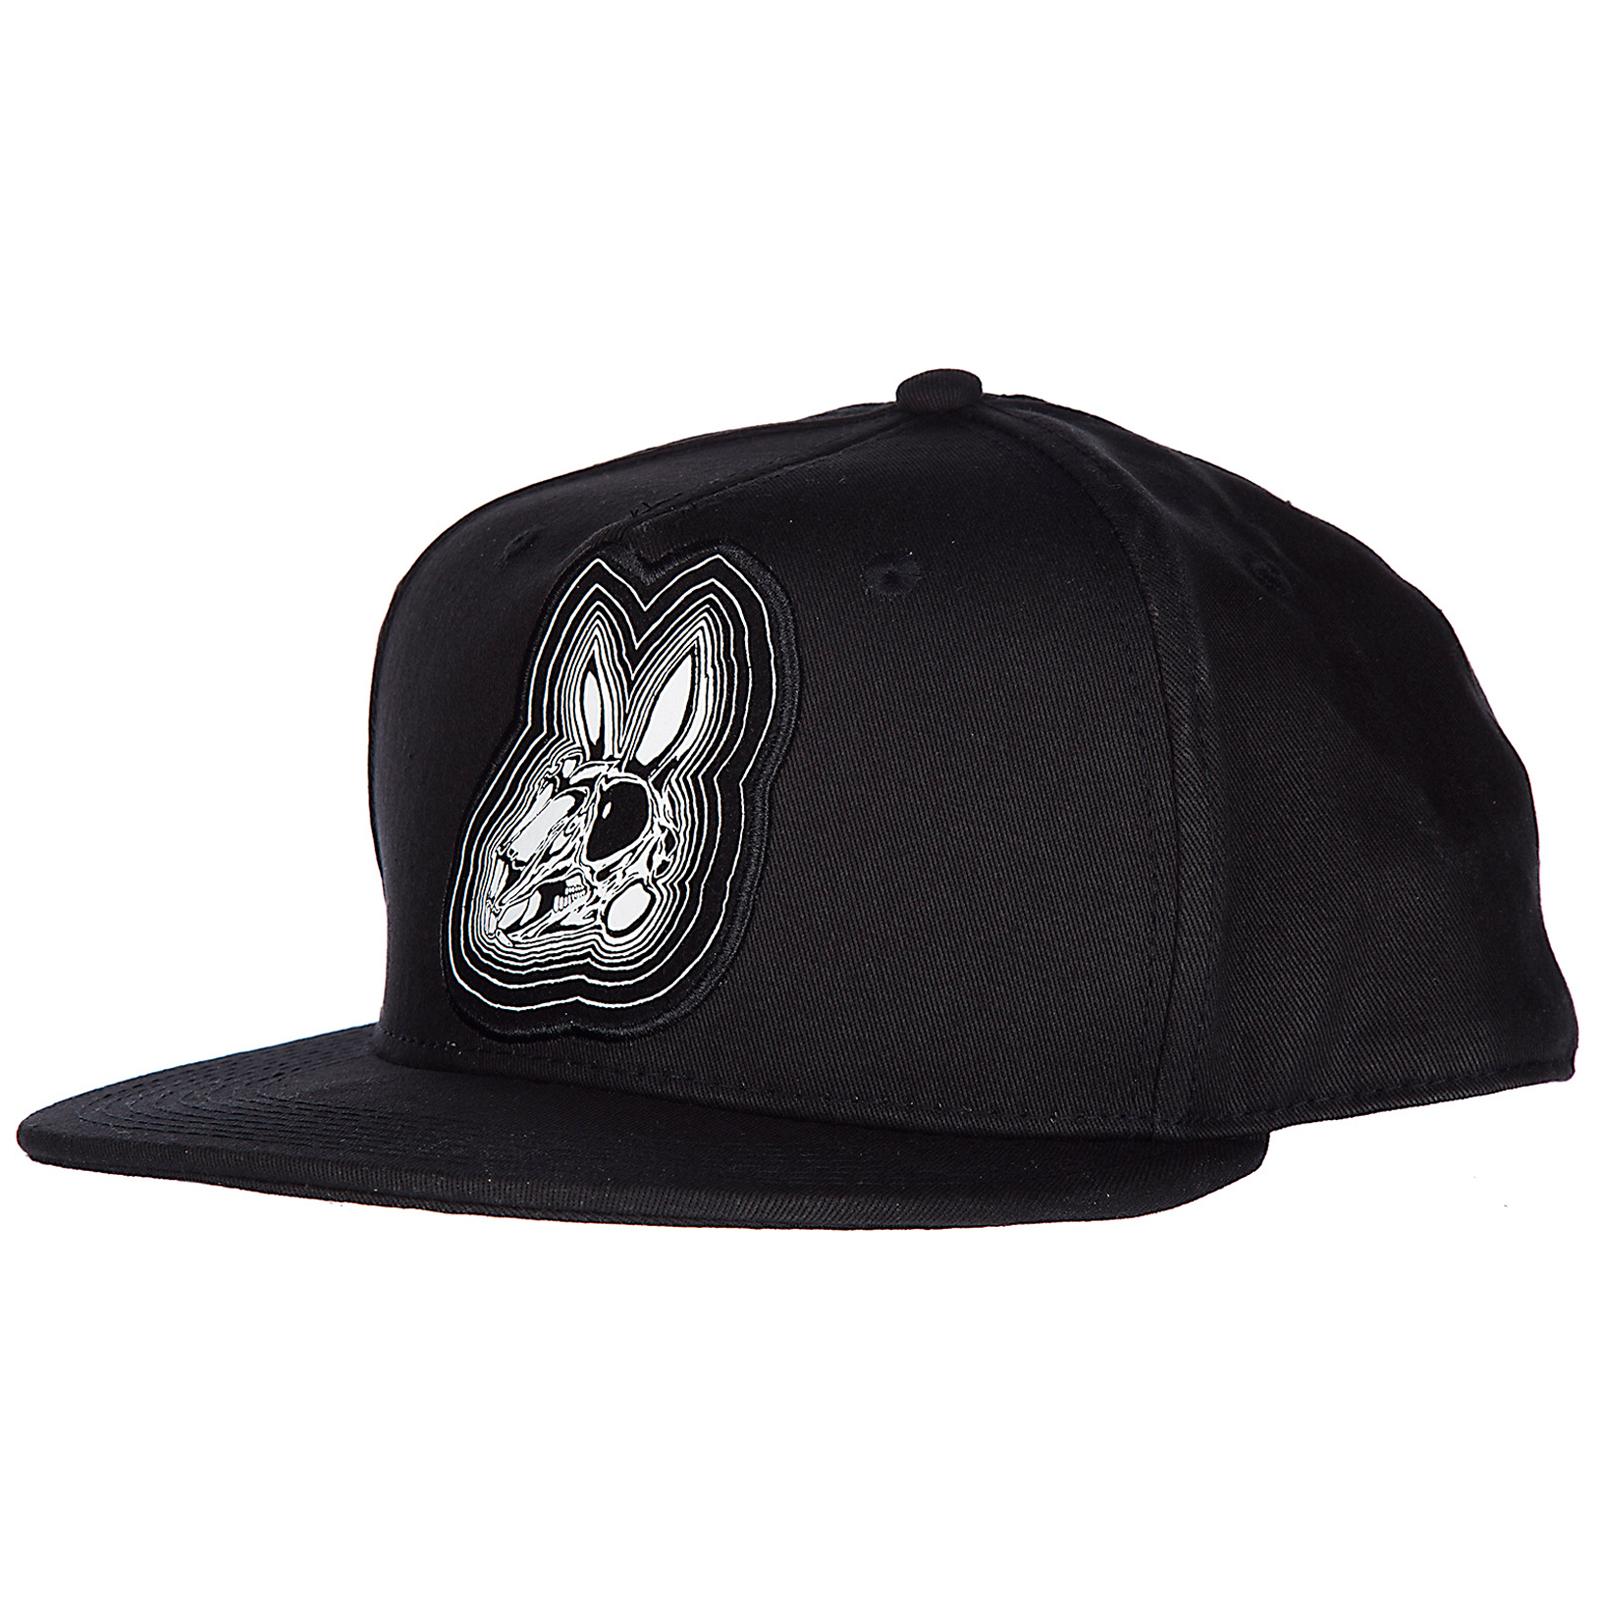 Cappello berretto regolabile uomo in cotone bunny